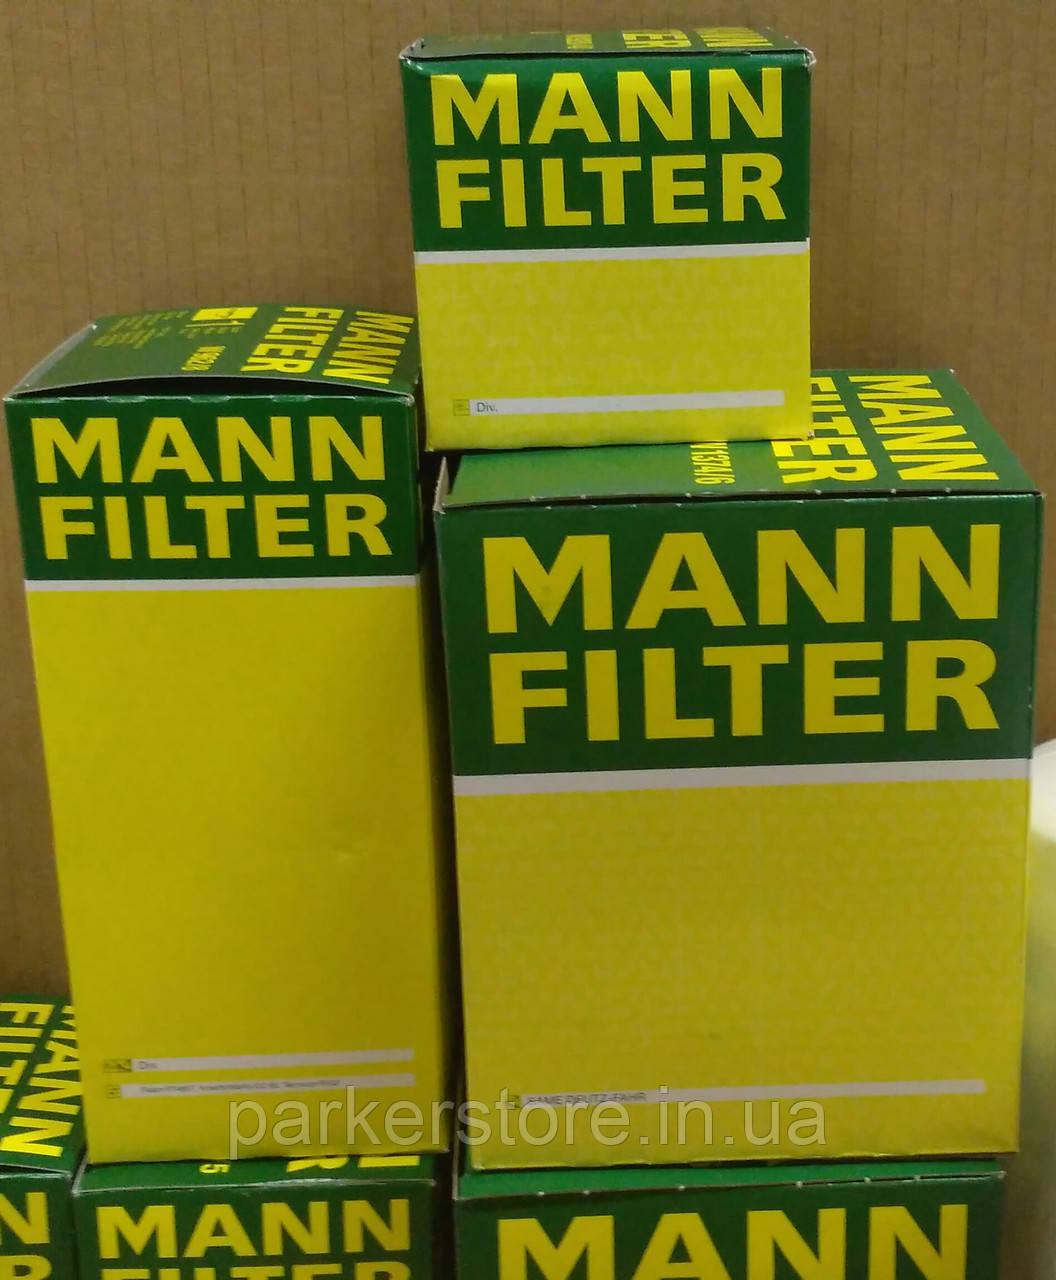 MANN FILTER / Воздушный фильтр / C 31 1670 / C311670